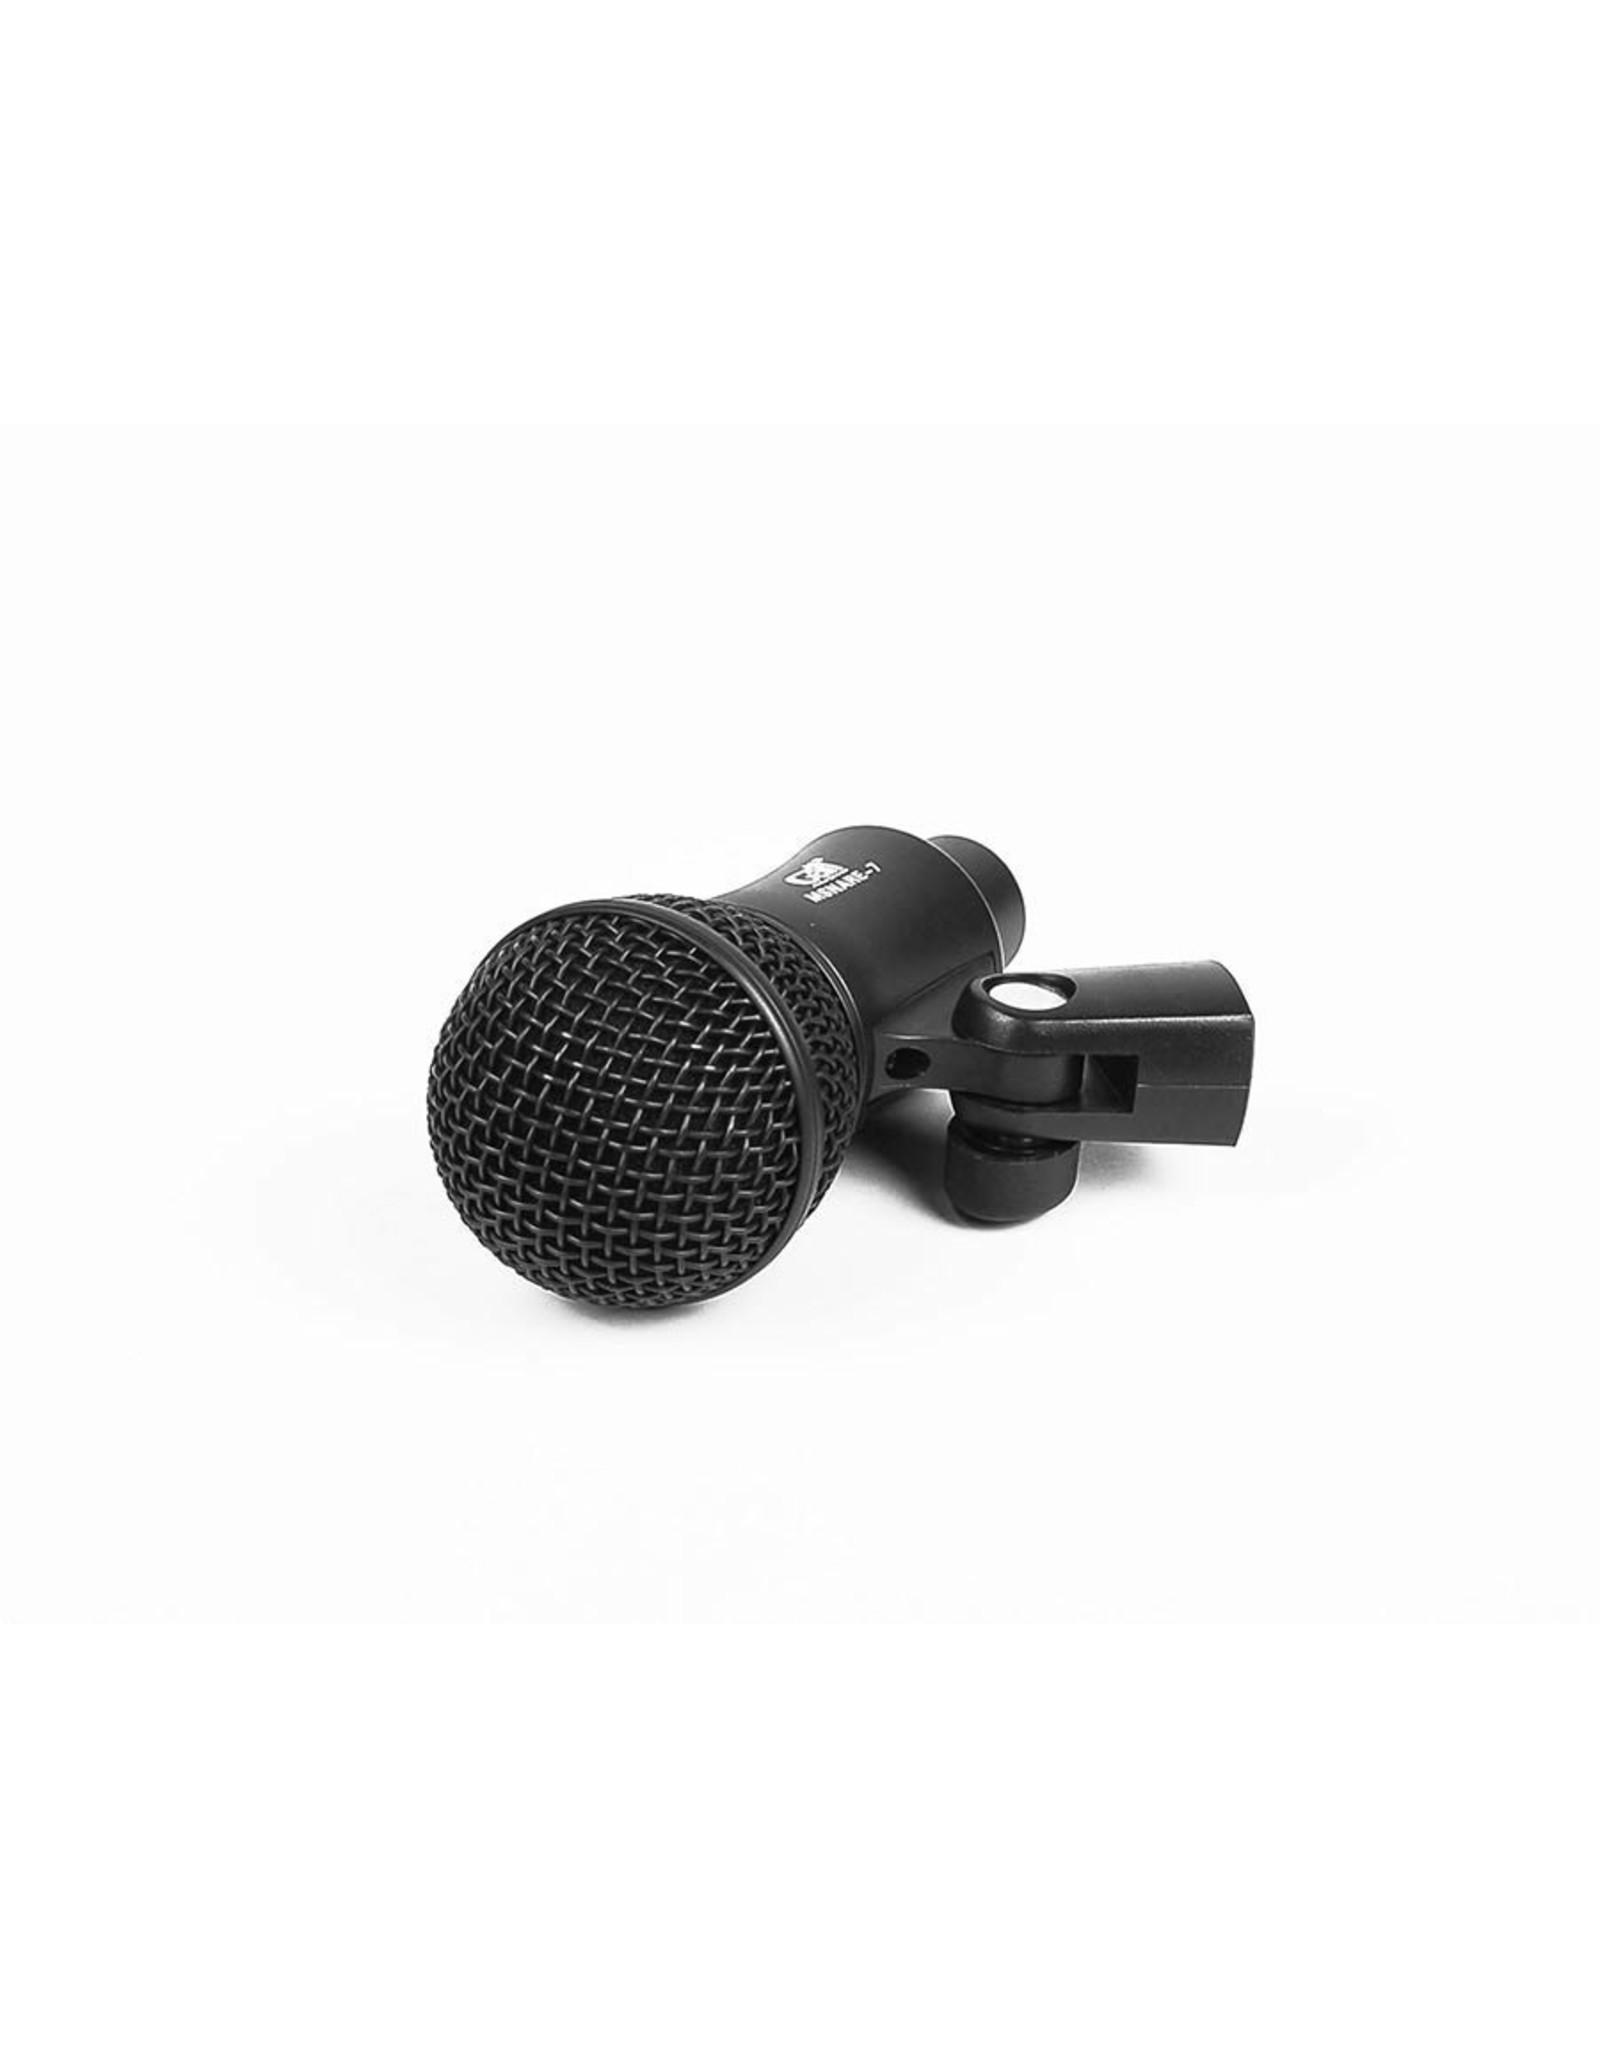 MSNARE-7| Gatt Audio drummicrofoon voor snare drum